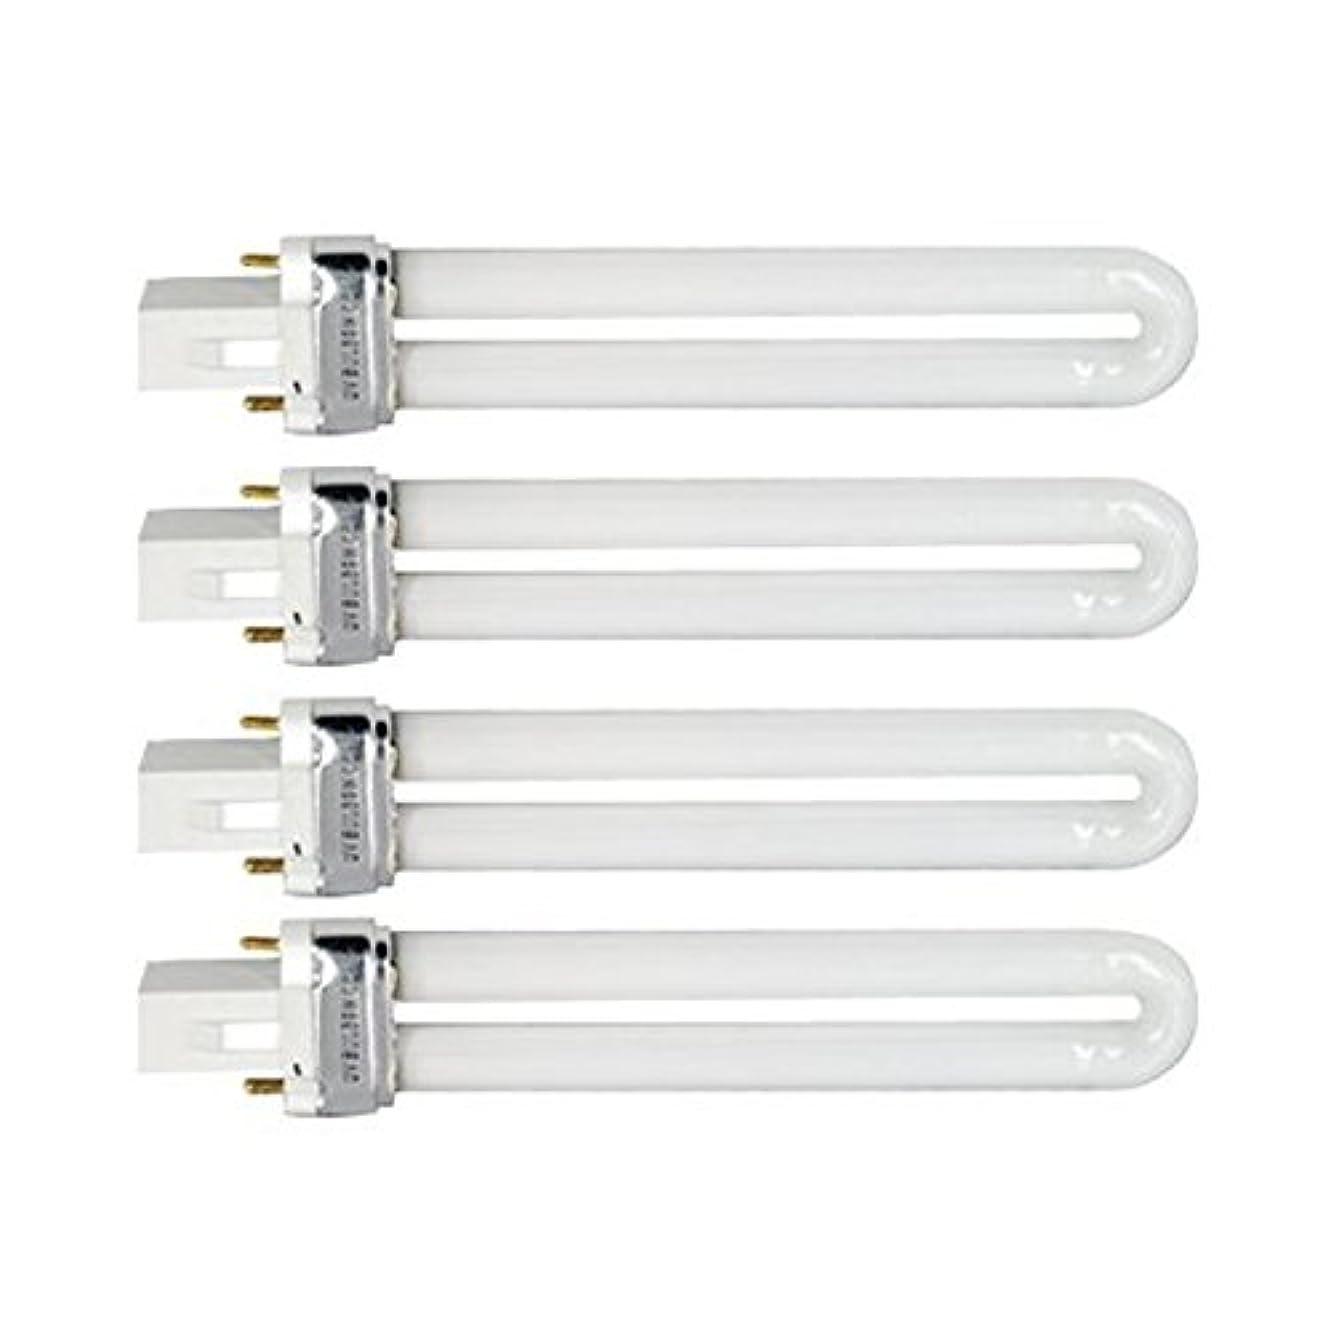 不正直設計図スイッチTinksky UV灯 紫外線 殺菌灯 電球交換 9 ワット U 型 365 nm ランプ電球チューブ ネイル アート Dryer-4 pcsset